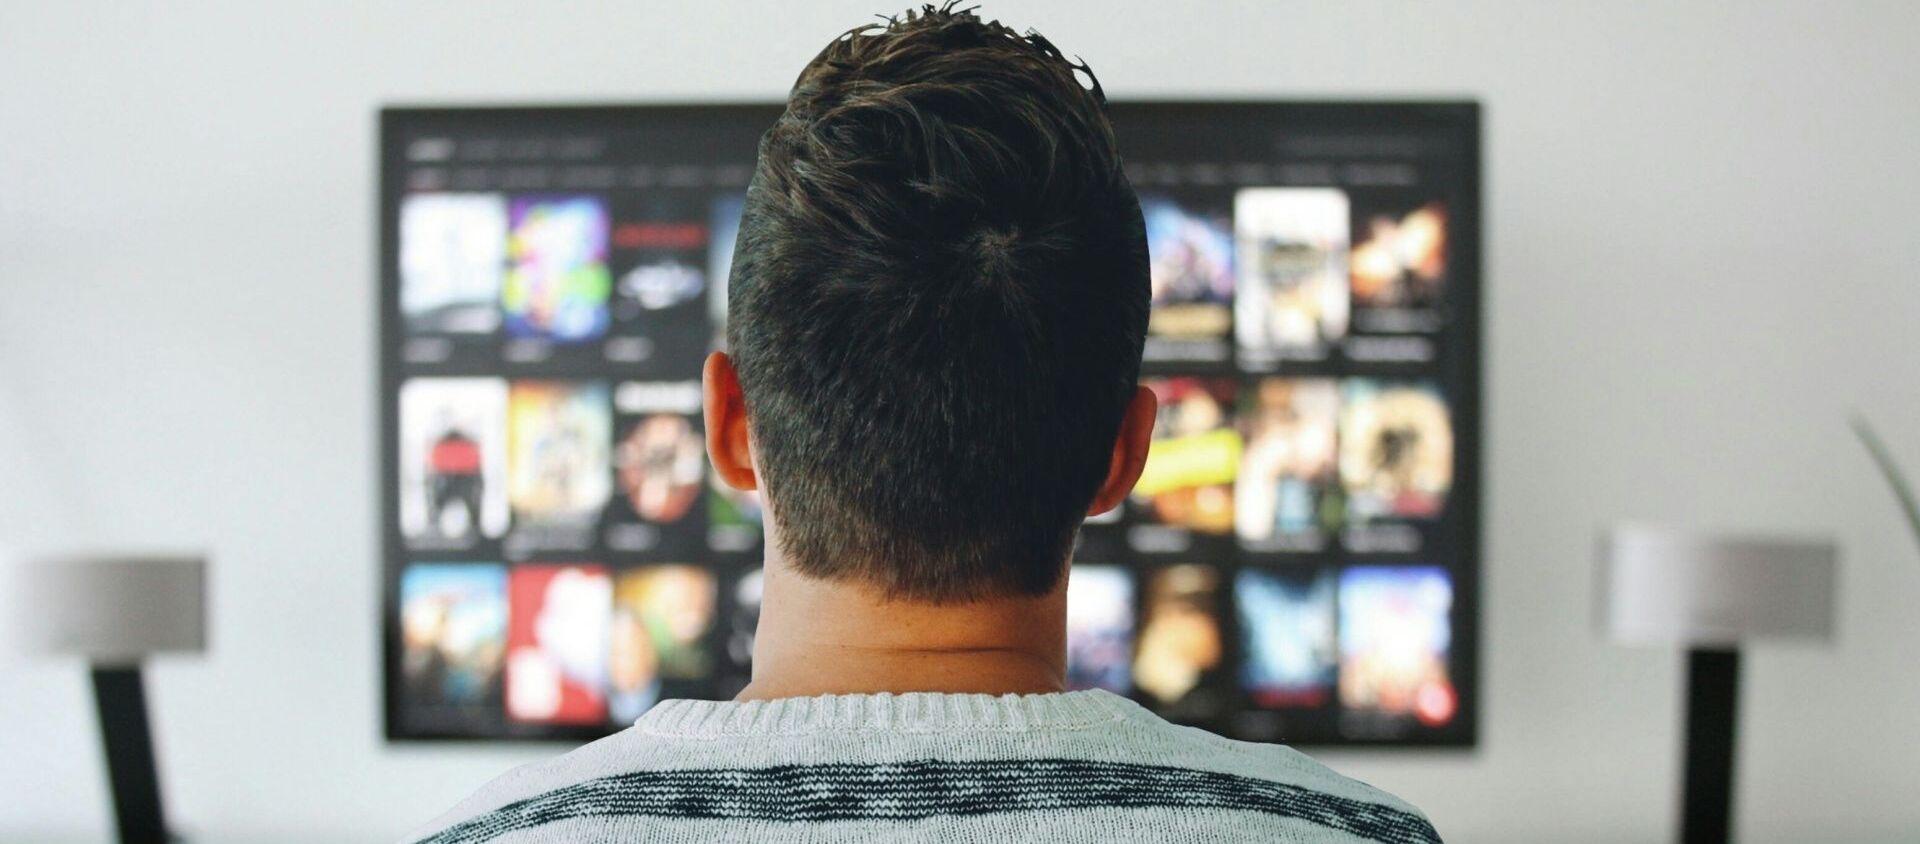 Мужчина смотрит телевизор - Sputnik Таджикистан, 1920, 10.02.2021